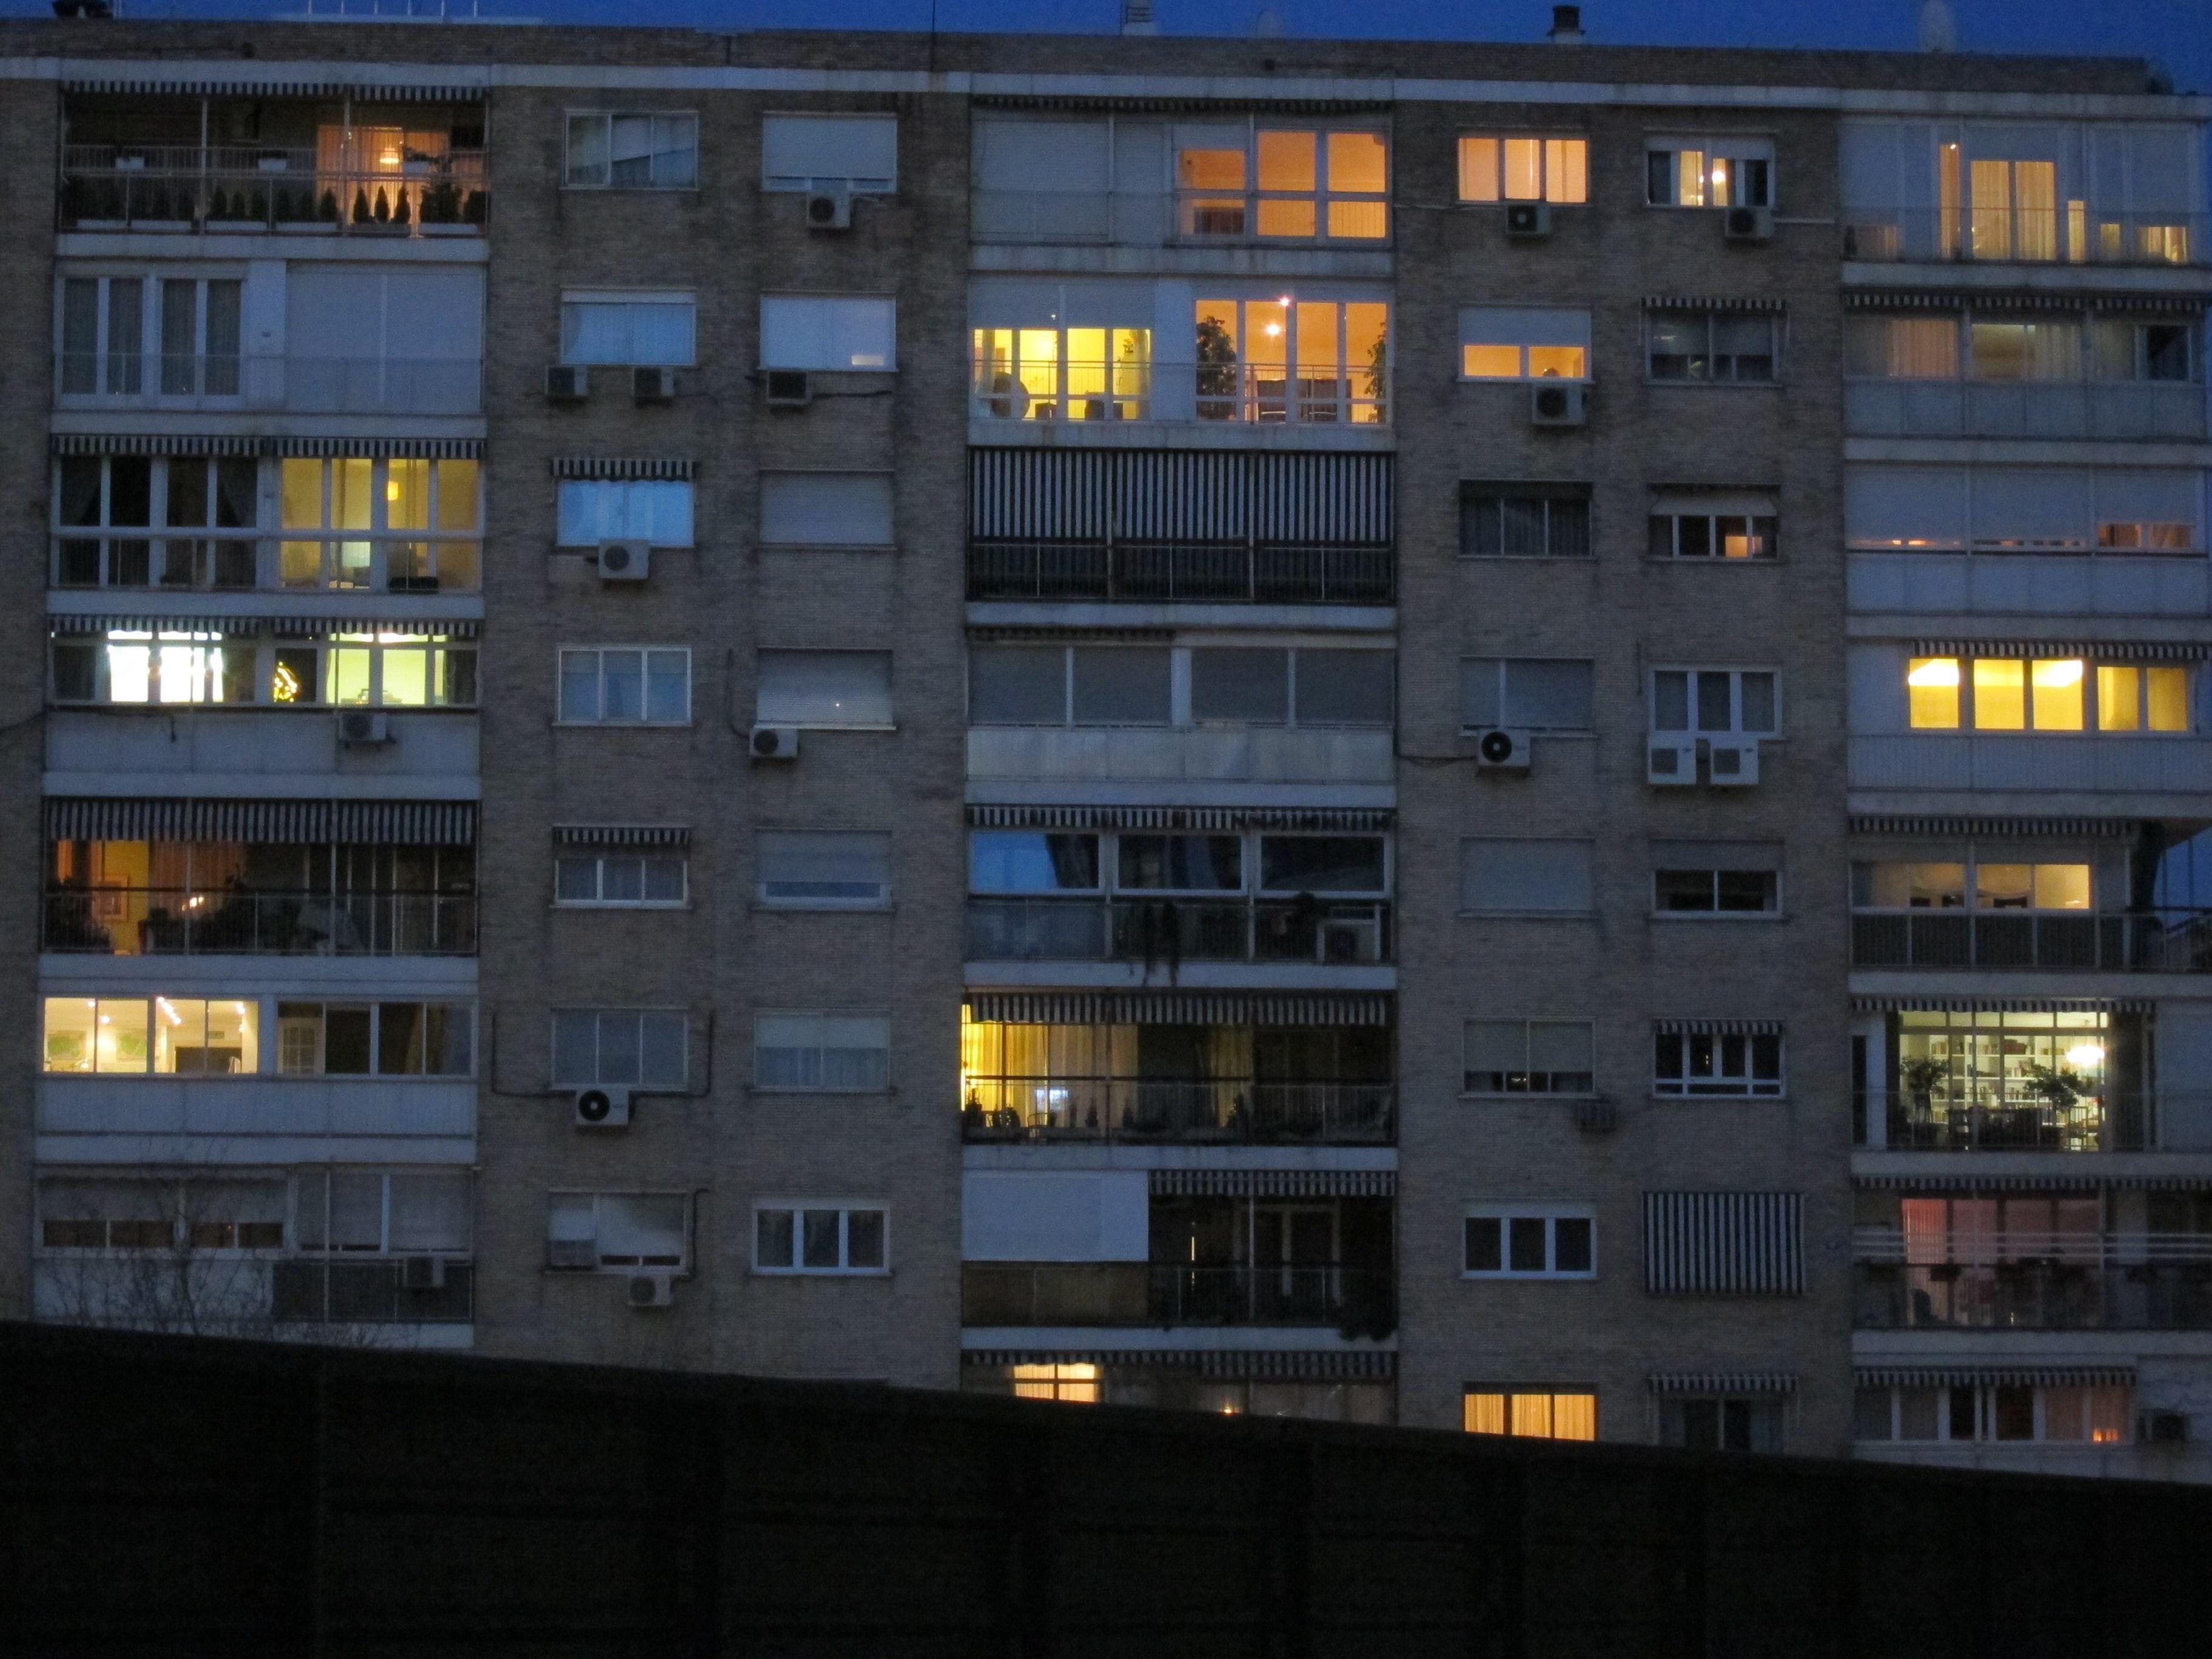 La luz sube este lunes un 1,2% para cerca de 22 millones de hogares